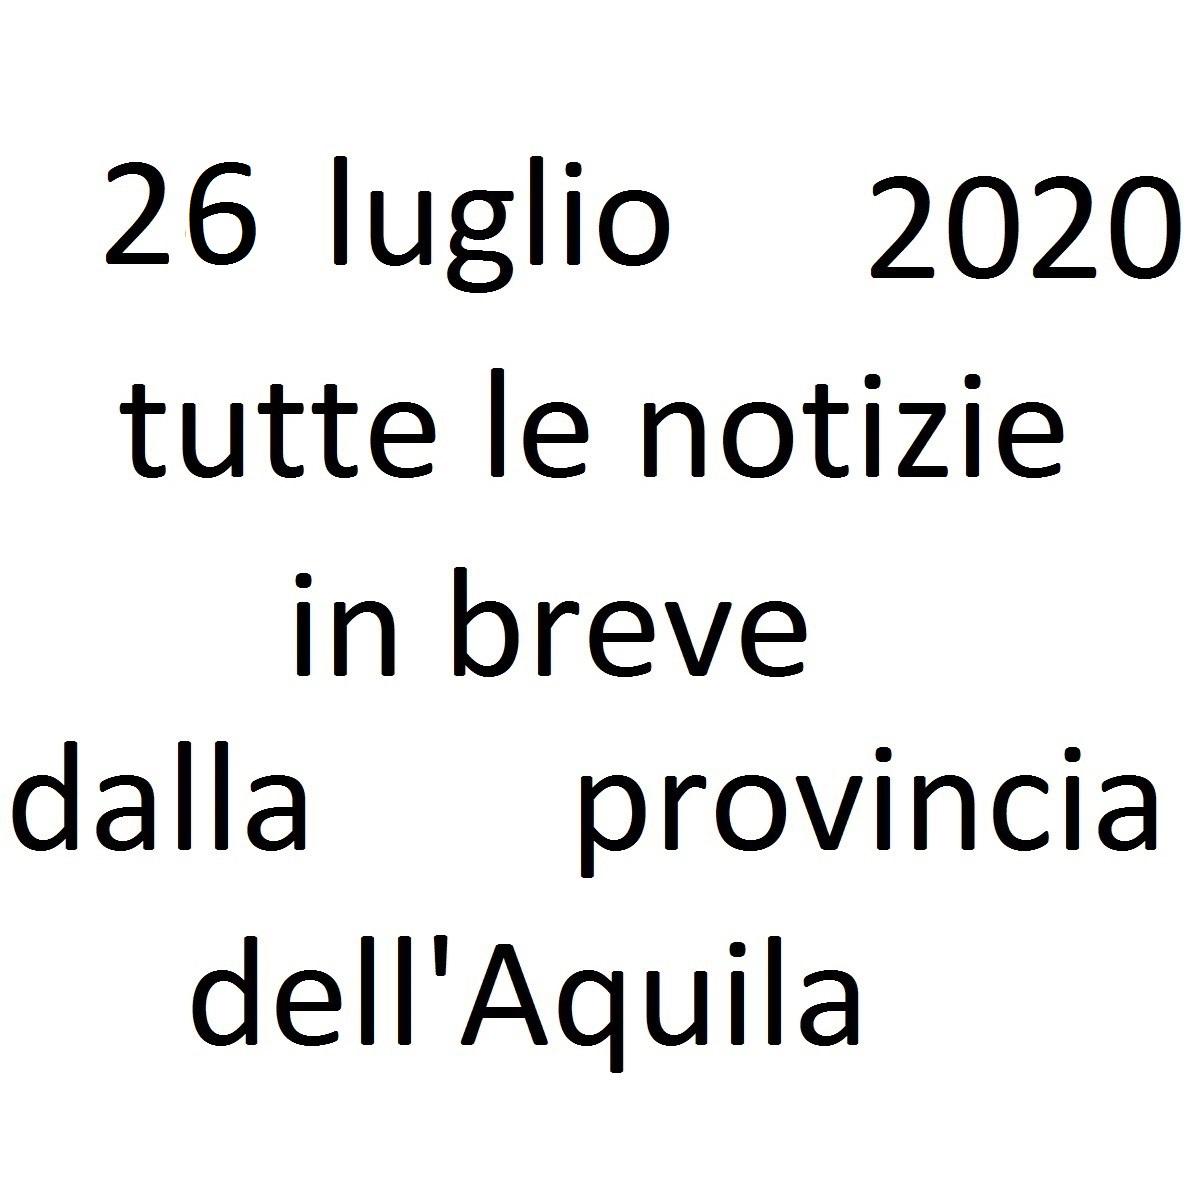 26 luglio 2020 notizie in breve dalla Provincia dell'Aquila foto